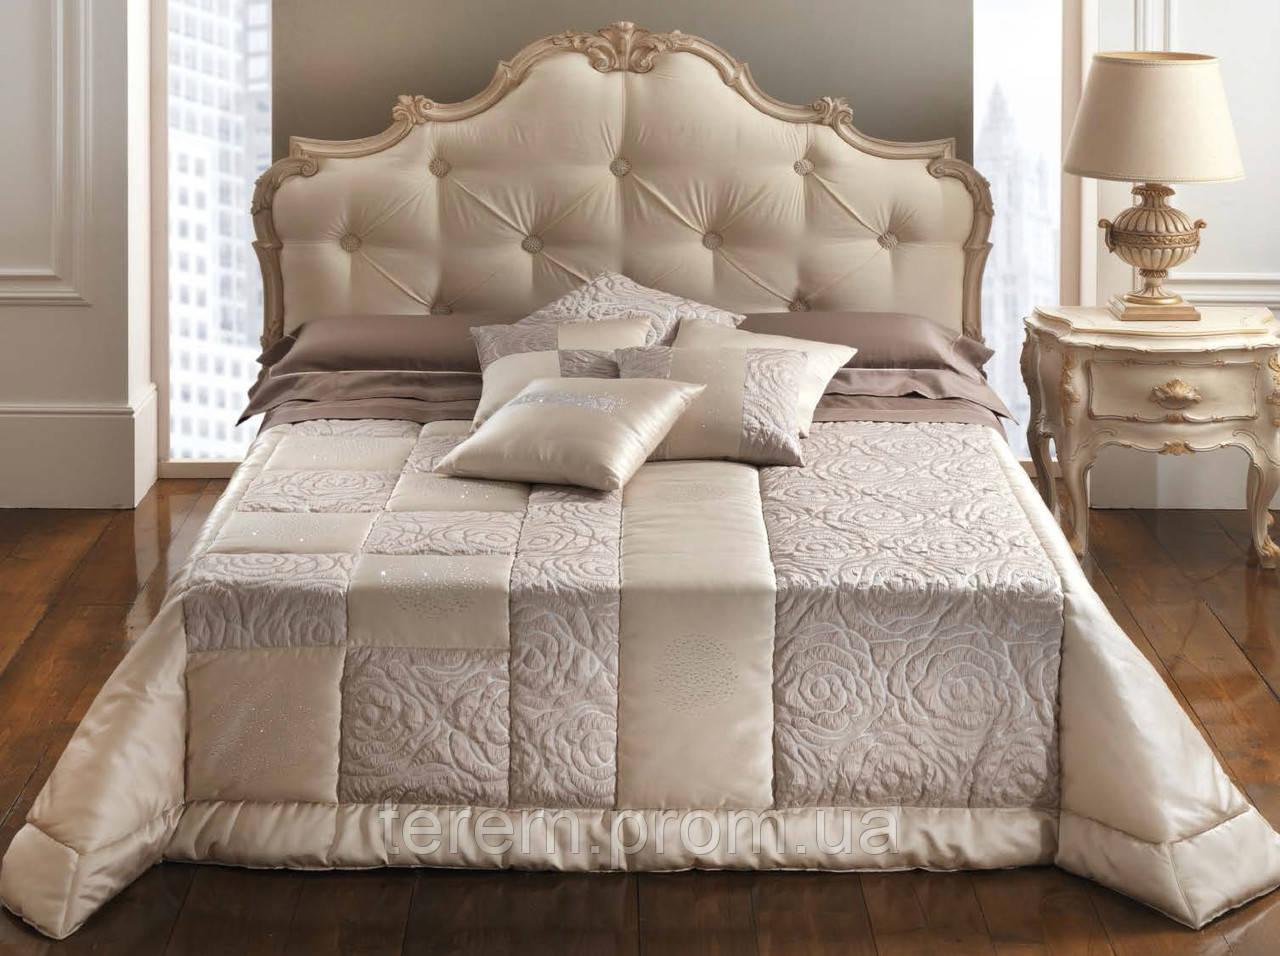 """Покрывало, подушки, постельное белье """"Принцесса"""""""